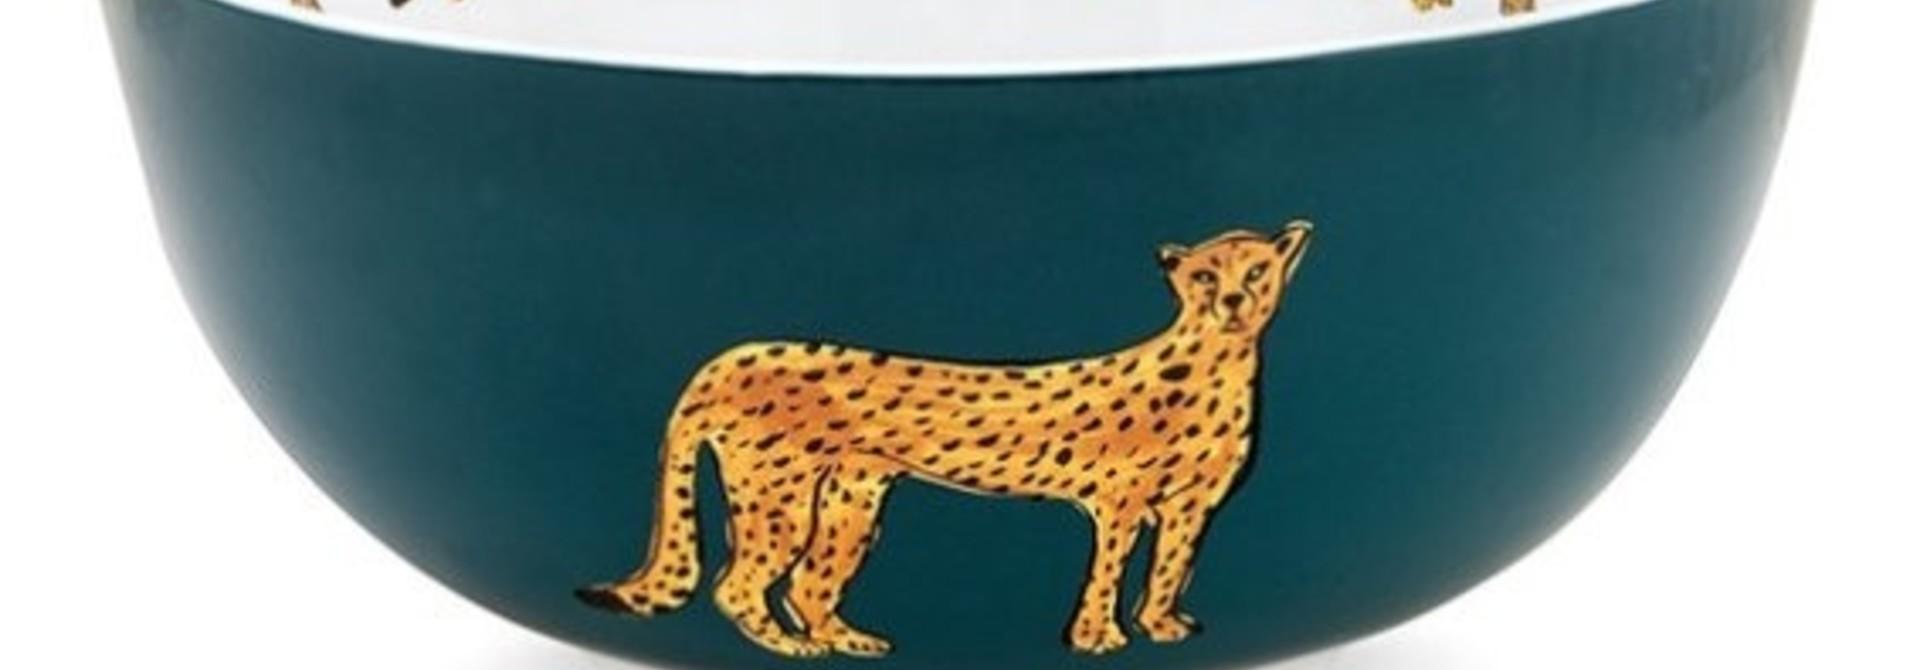 Fabienne Chapot Bowl Cheetah Bowl Cheetah 23 Cm